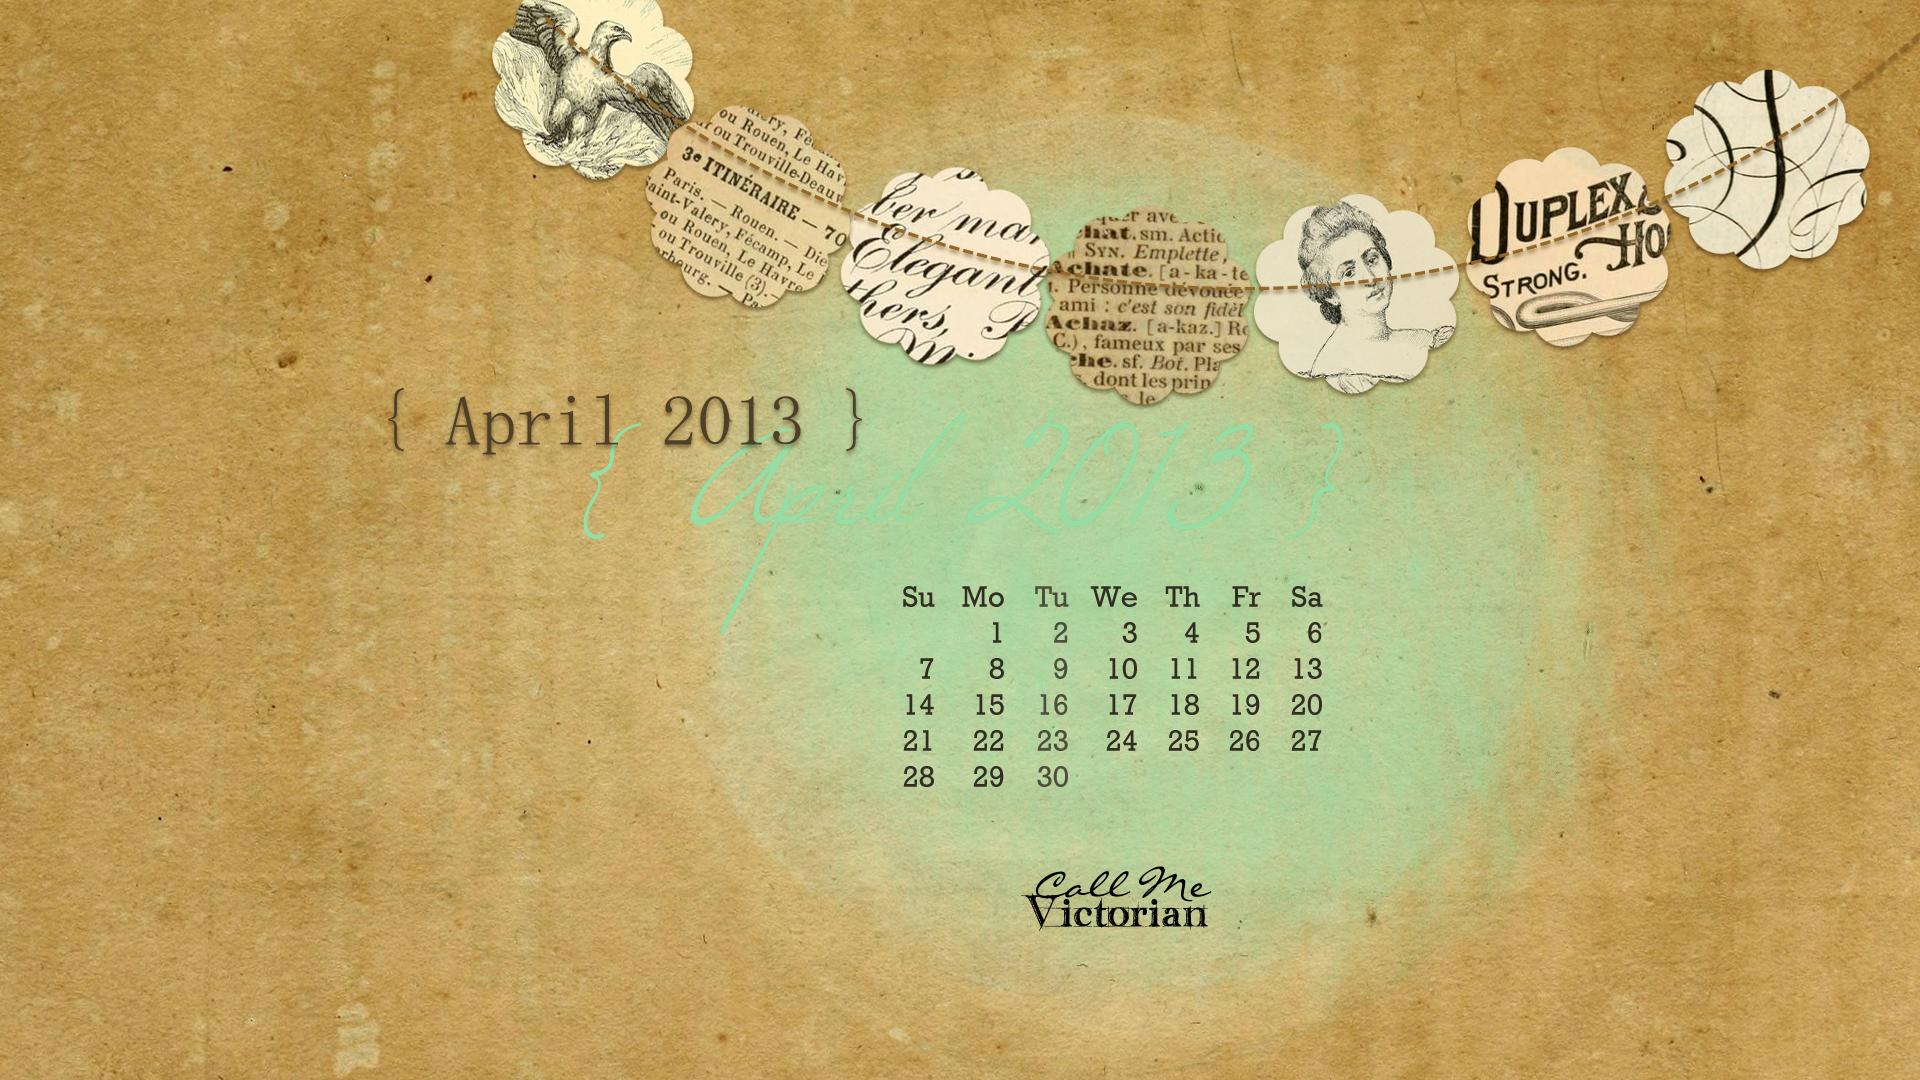 April 2013 Desktop Calendar Wallpaper Call Me Victorian 1920x1080